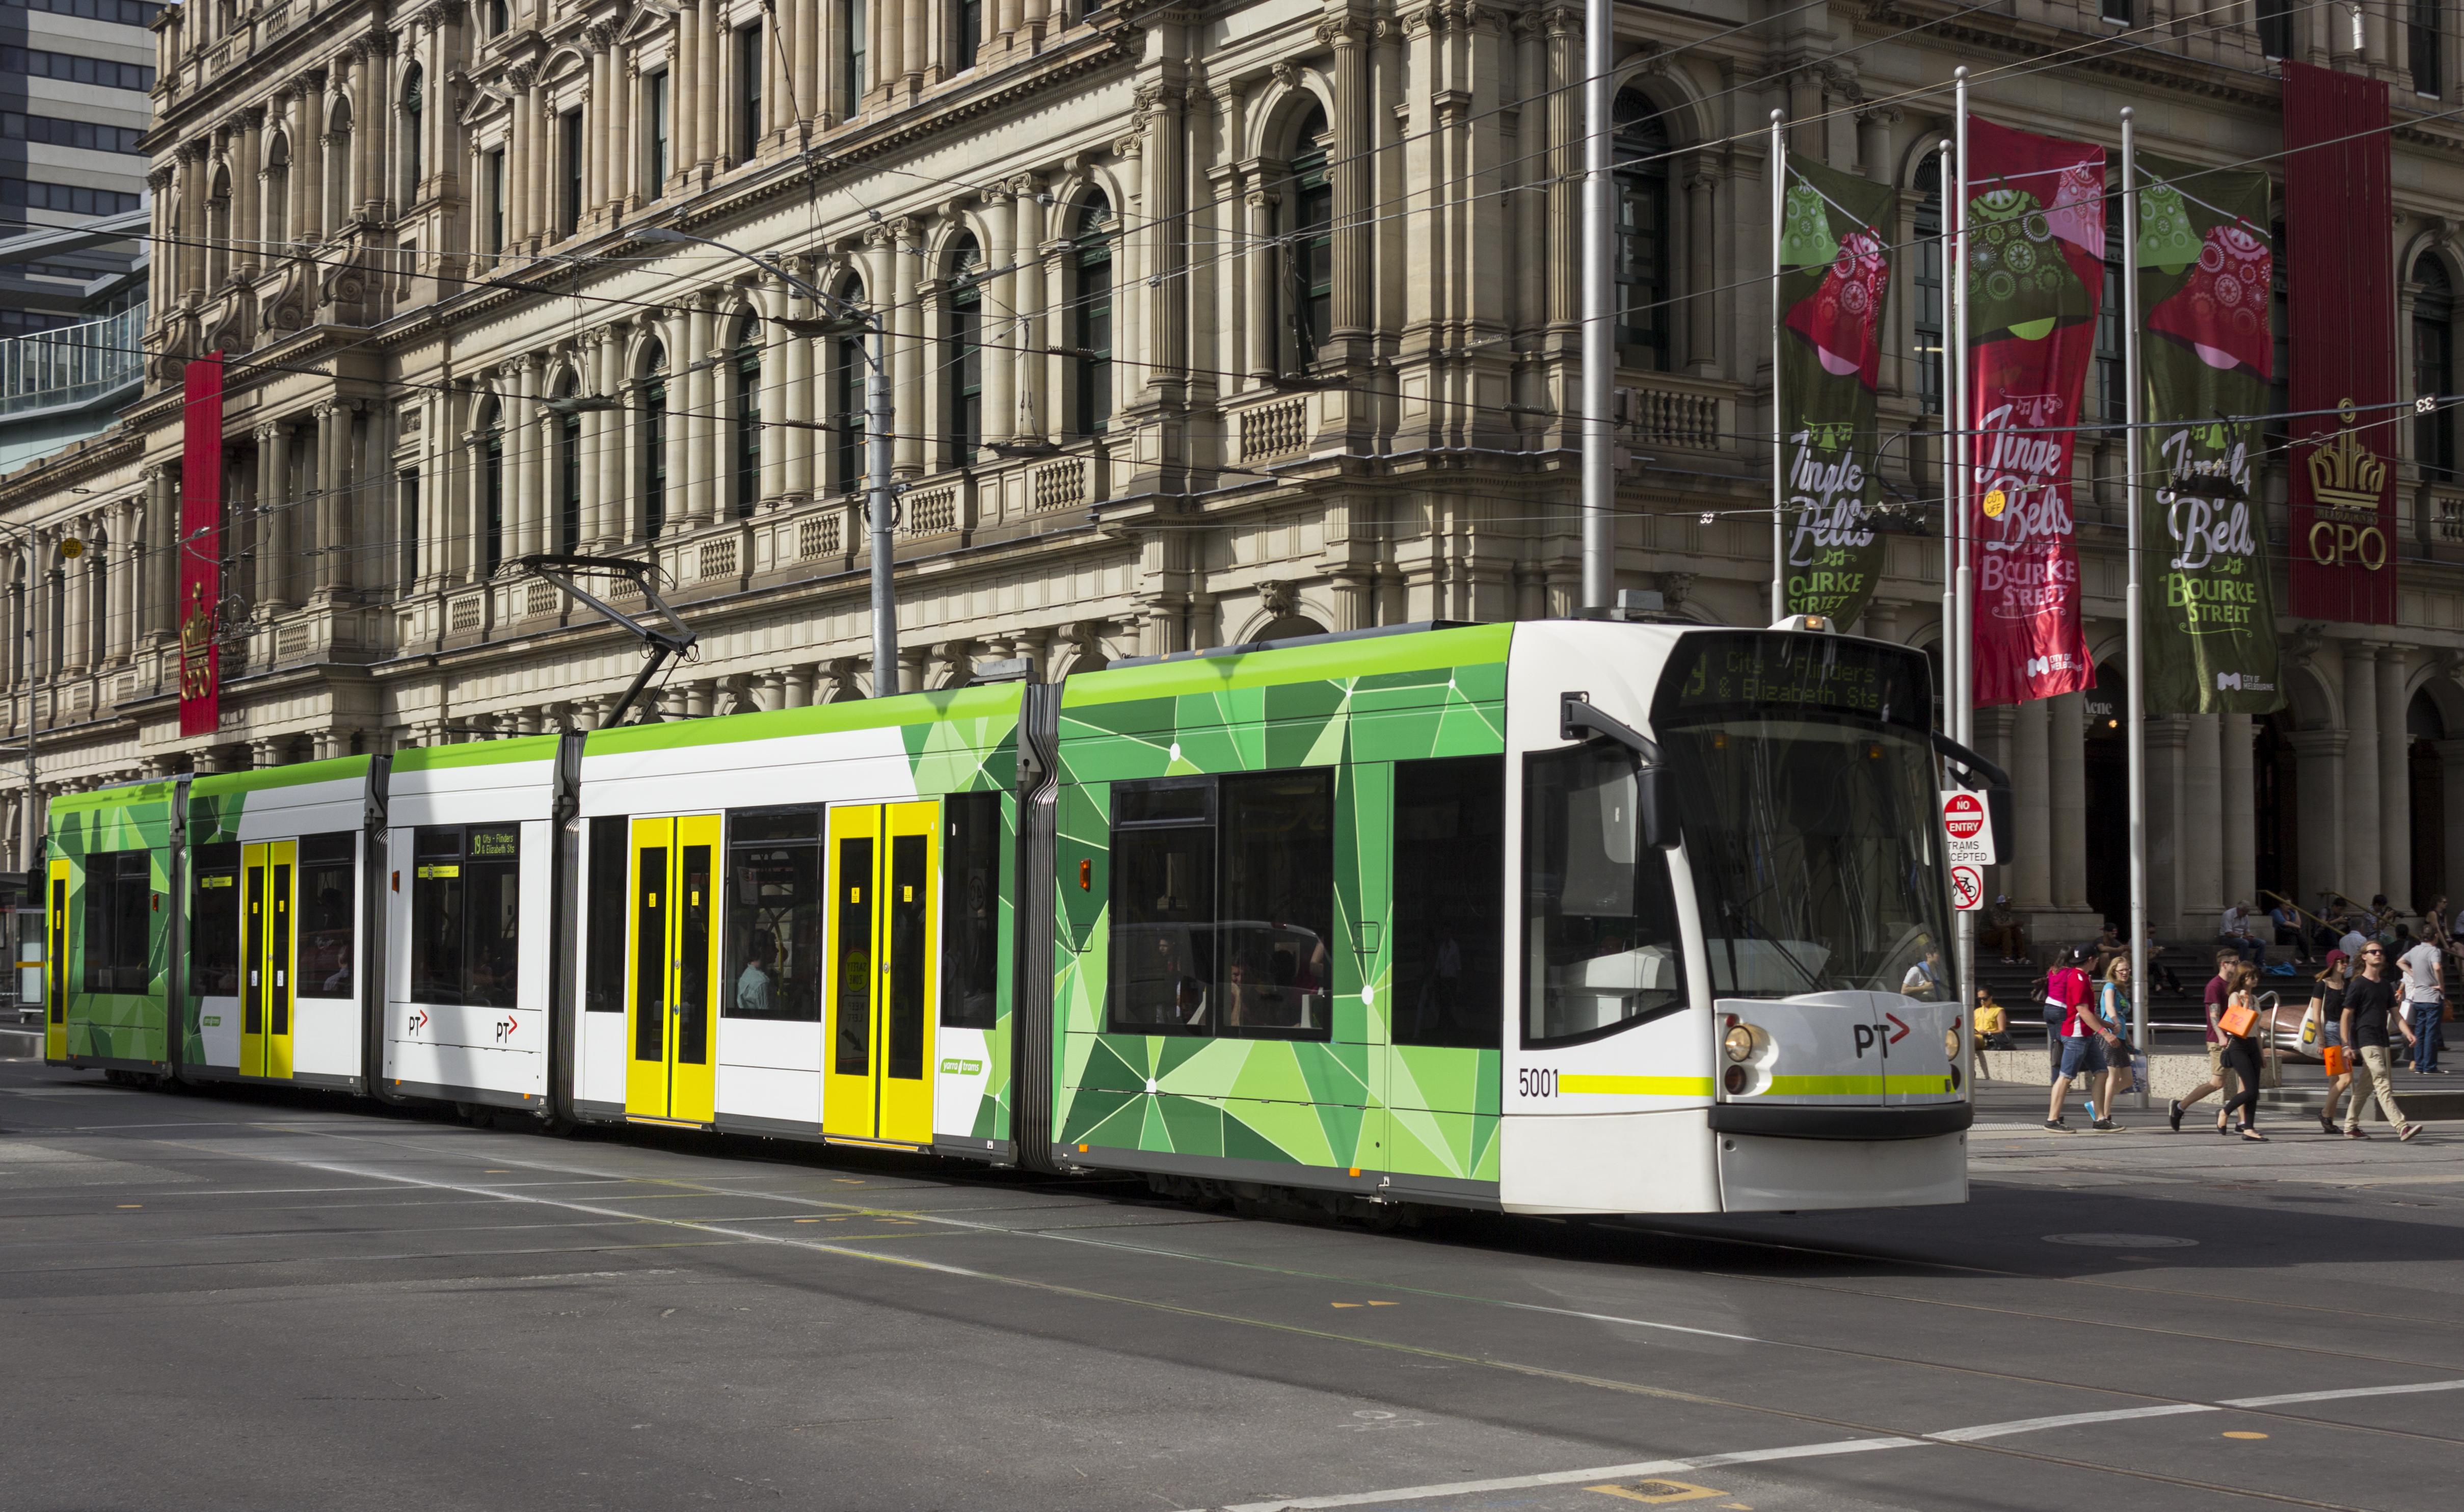 [Image: D2_5001_(Melbourne_tram)_in_Elizabeth_St...r_2013.jpg]